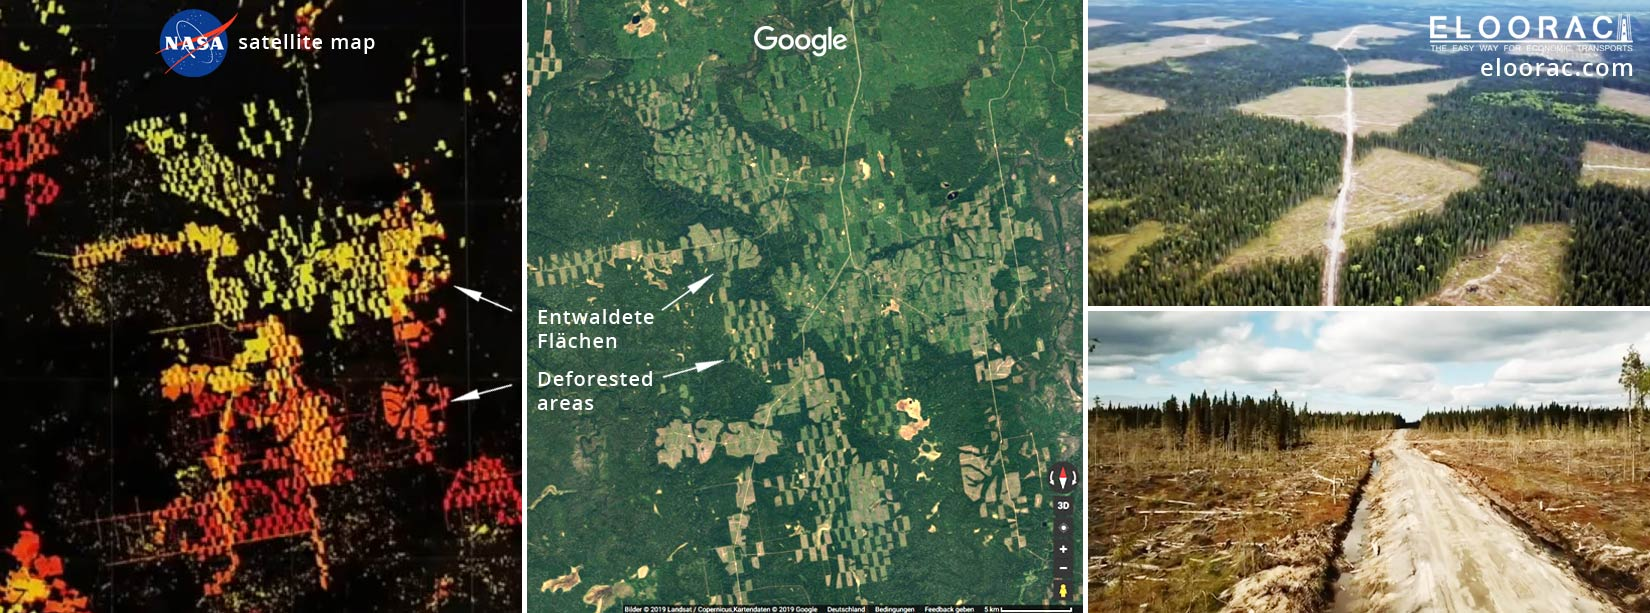 Nachhaltigkeit steht bei Eloorac besonders hoch im Kurs.  Durch die Mehrweg Transport Systeme bzw. Transport Gestelle auf Euro Paletten, kann z.B. die Abholzung der Wälder minimiert.